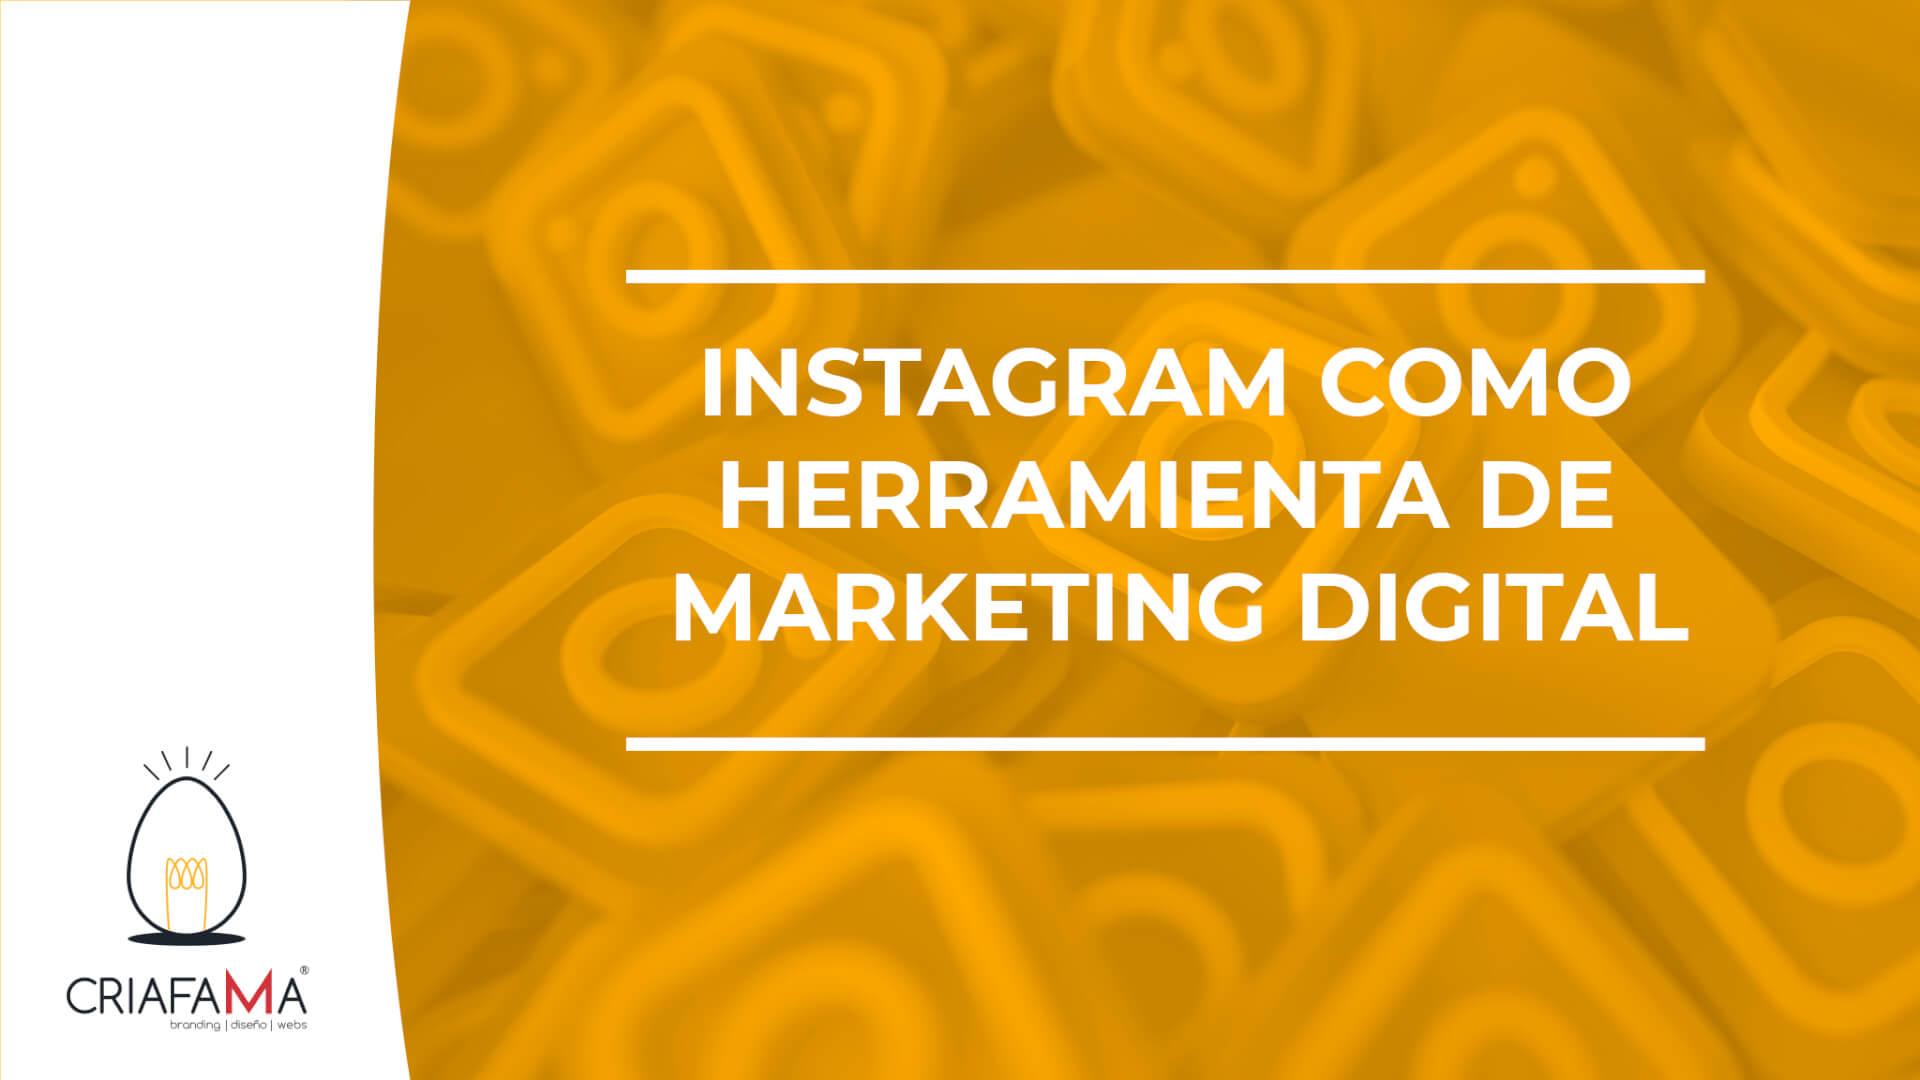 Es posible te hayas preguntado como empresa, qué hacer para llegar a más público. Porqué, si lo que vendes es bueno y el servicio que ofreces es completo. ¡Deberías tener millones de seguidores! Probablemente, sea porque no has tenido en cuenta Instagram como herramienta de marketing digital.